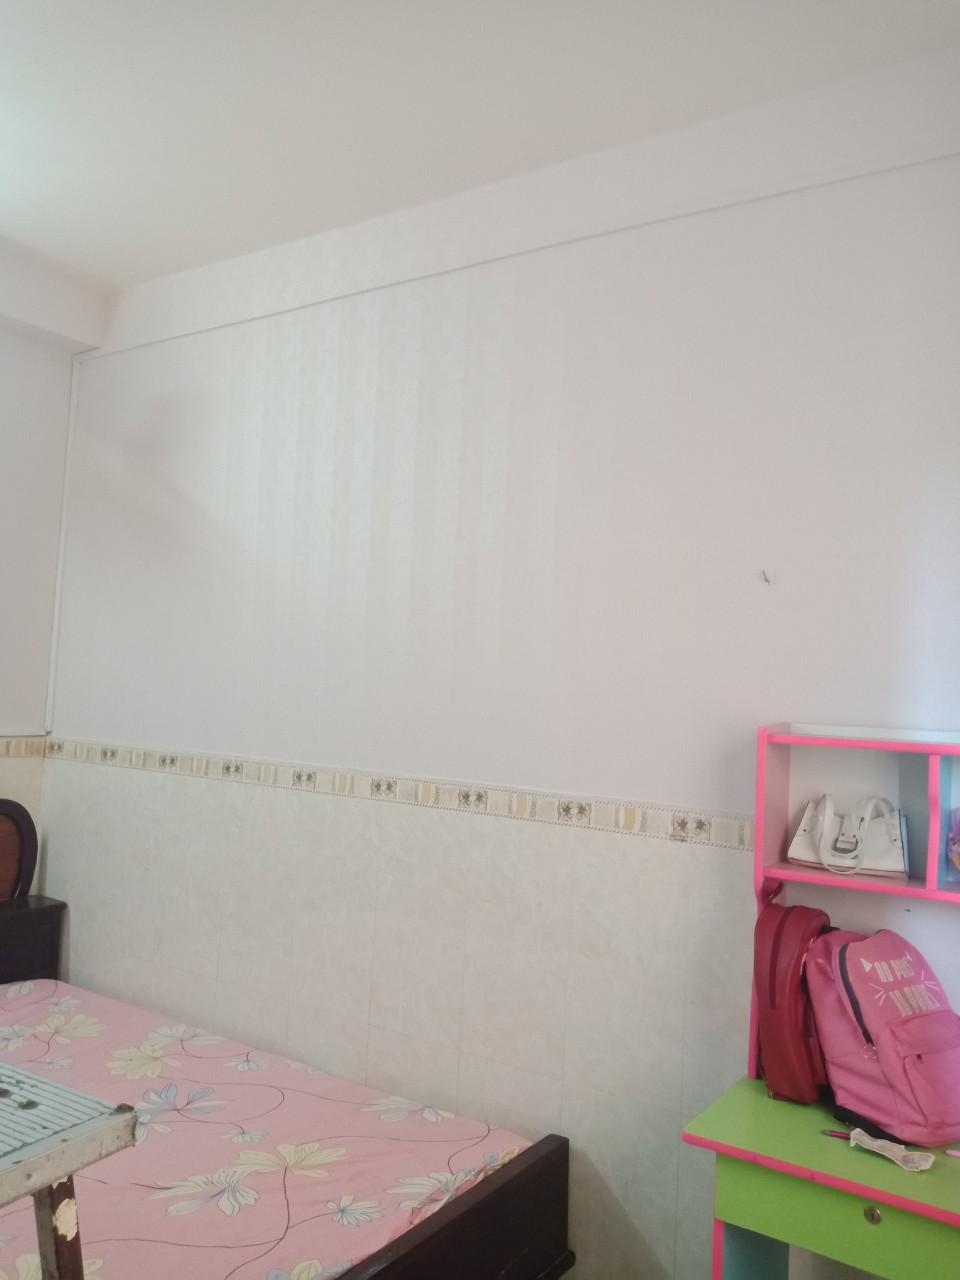 28c688ad1cd2ff8ca6c3 giấy dán tường phòng ngủ o2 15161